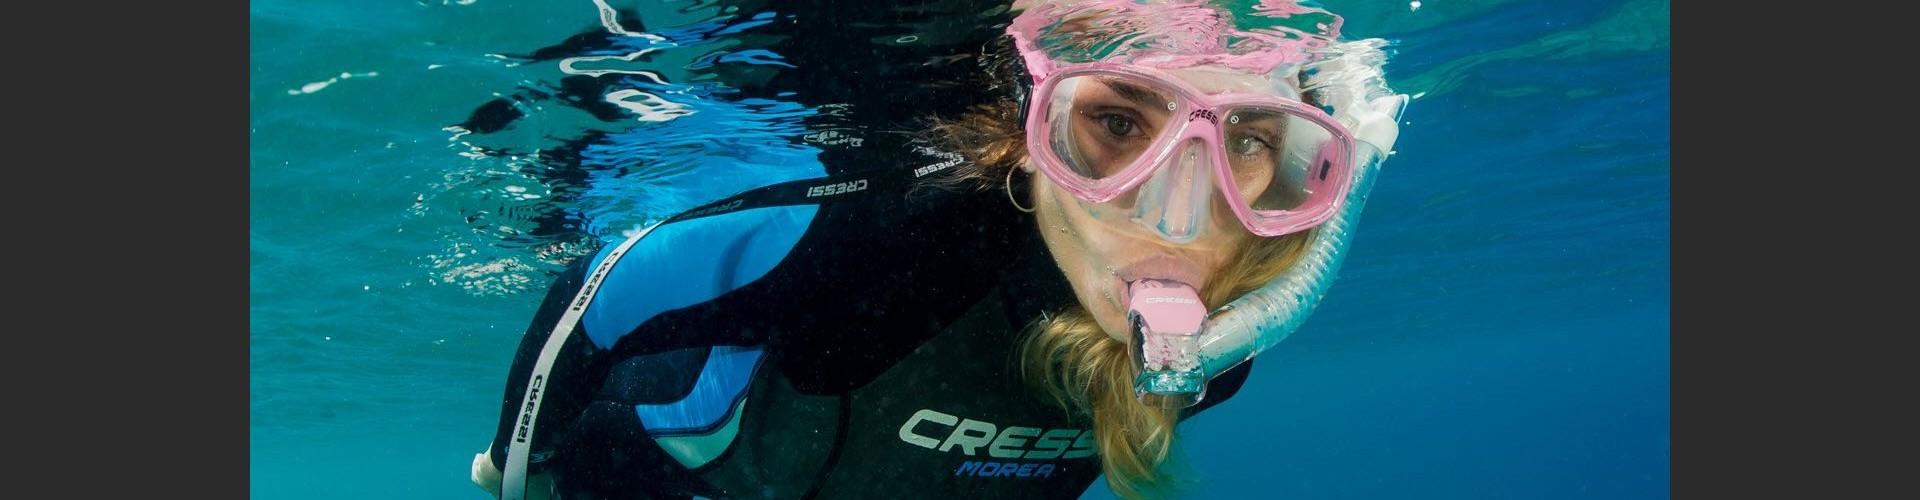 Cressi Snorkeling